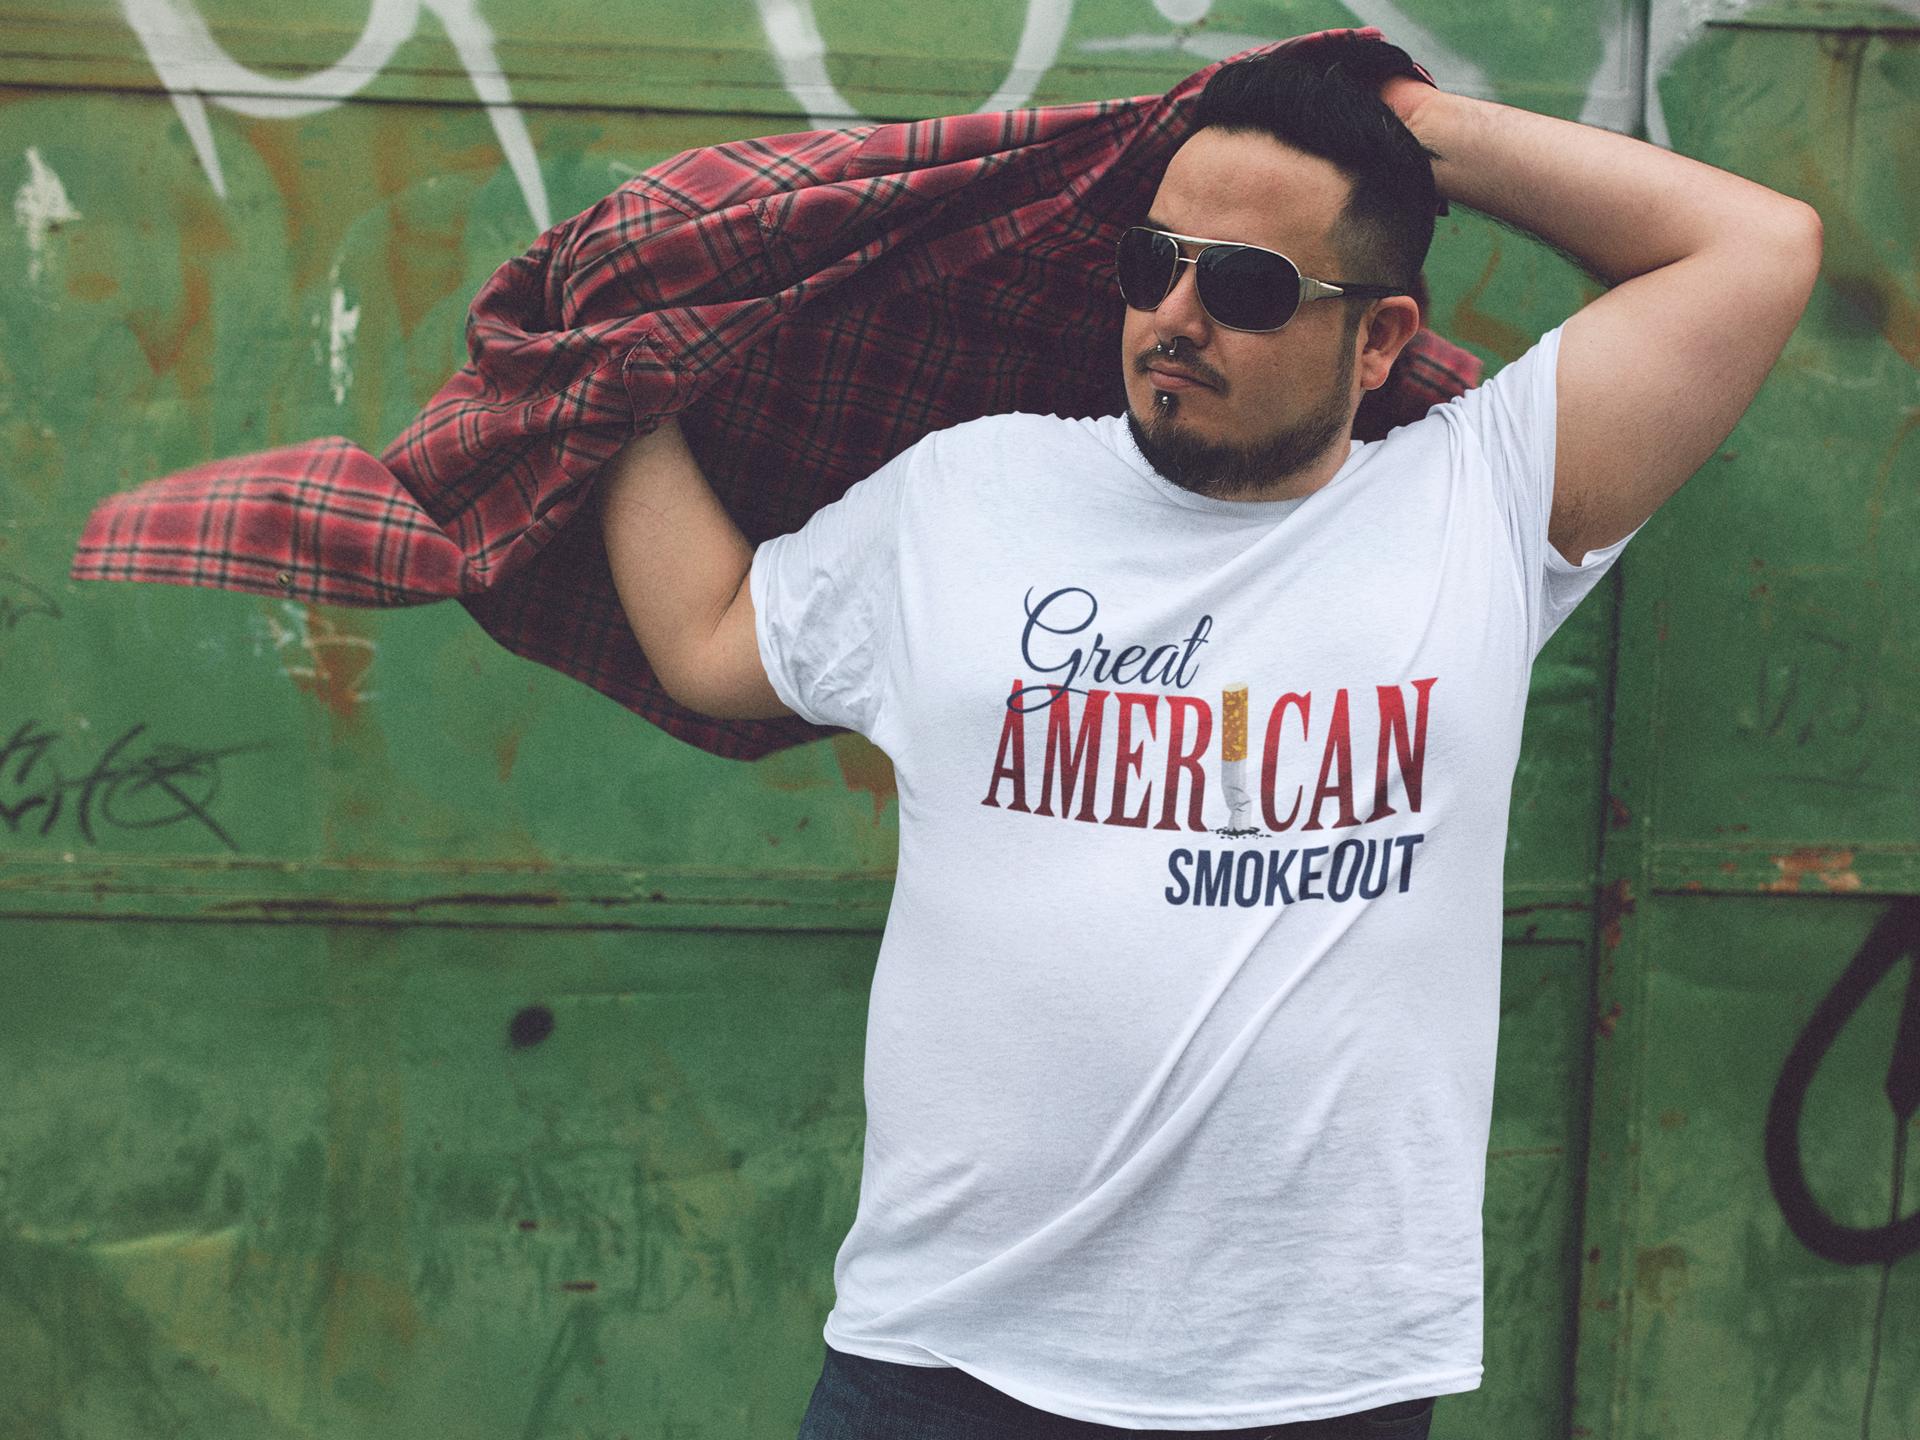 Great American Smokeout t-shirt